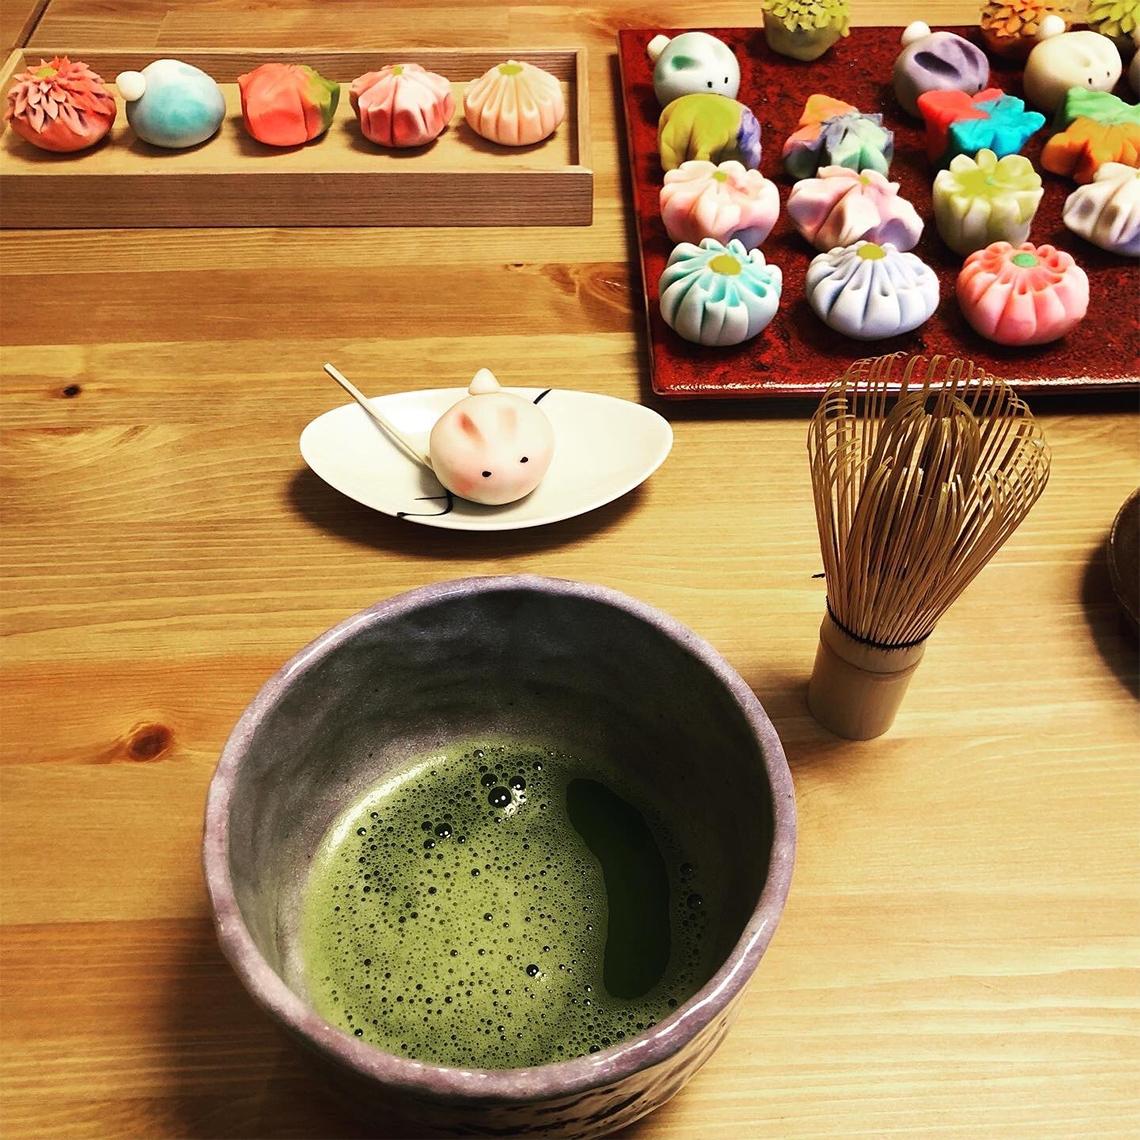 Nariko's Kitchen